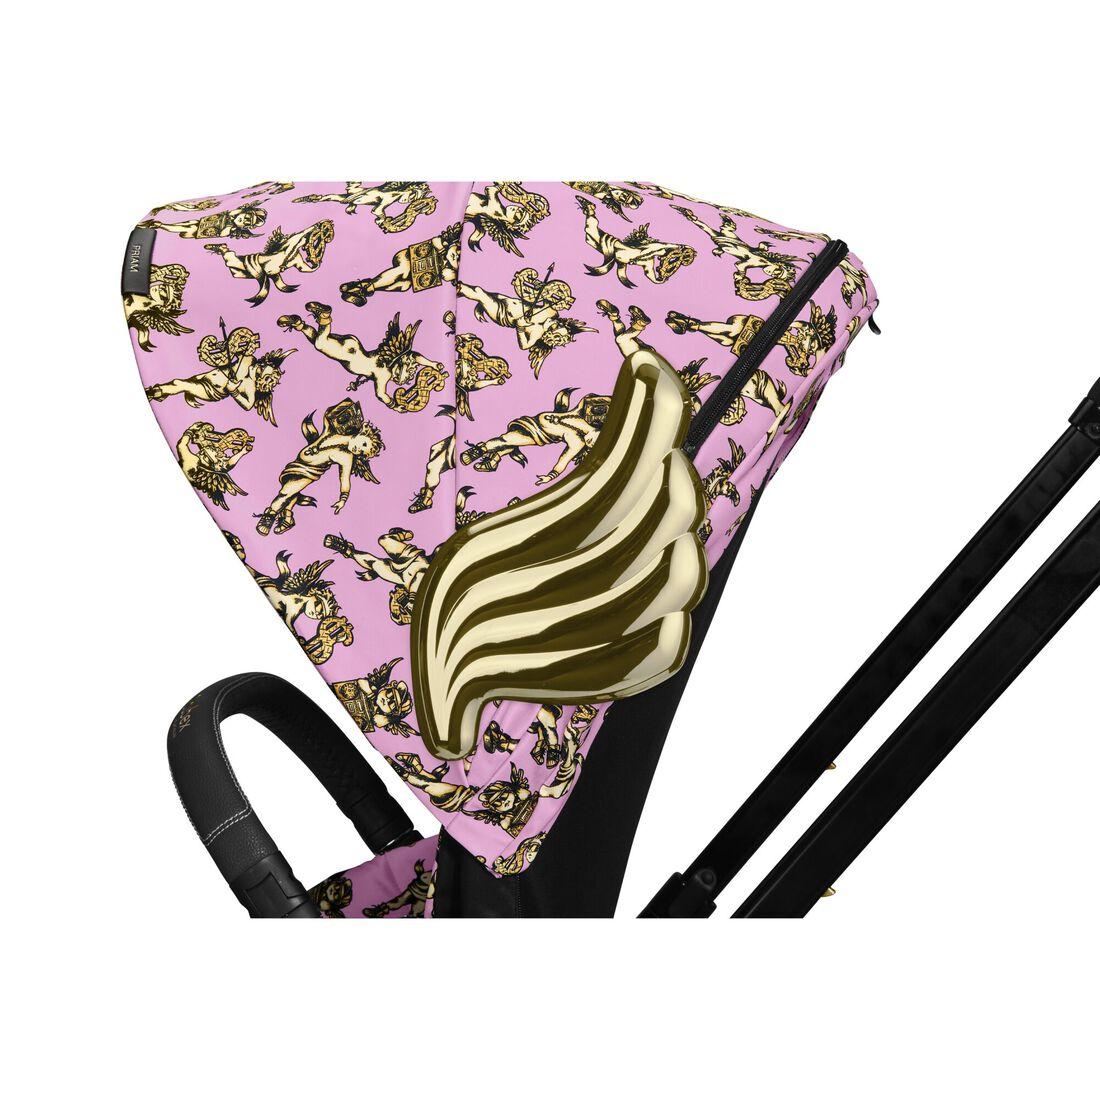 CYBEX Priam Jeremy Scott - Cherubs Pink in Cherubs Pink large image number 5